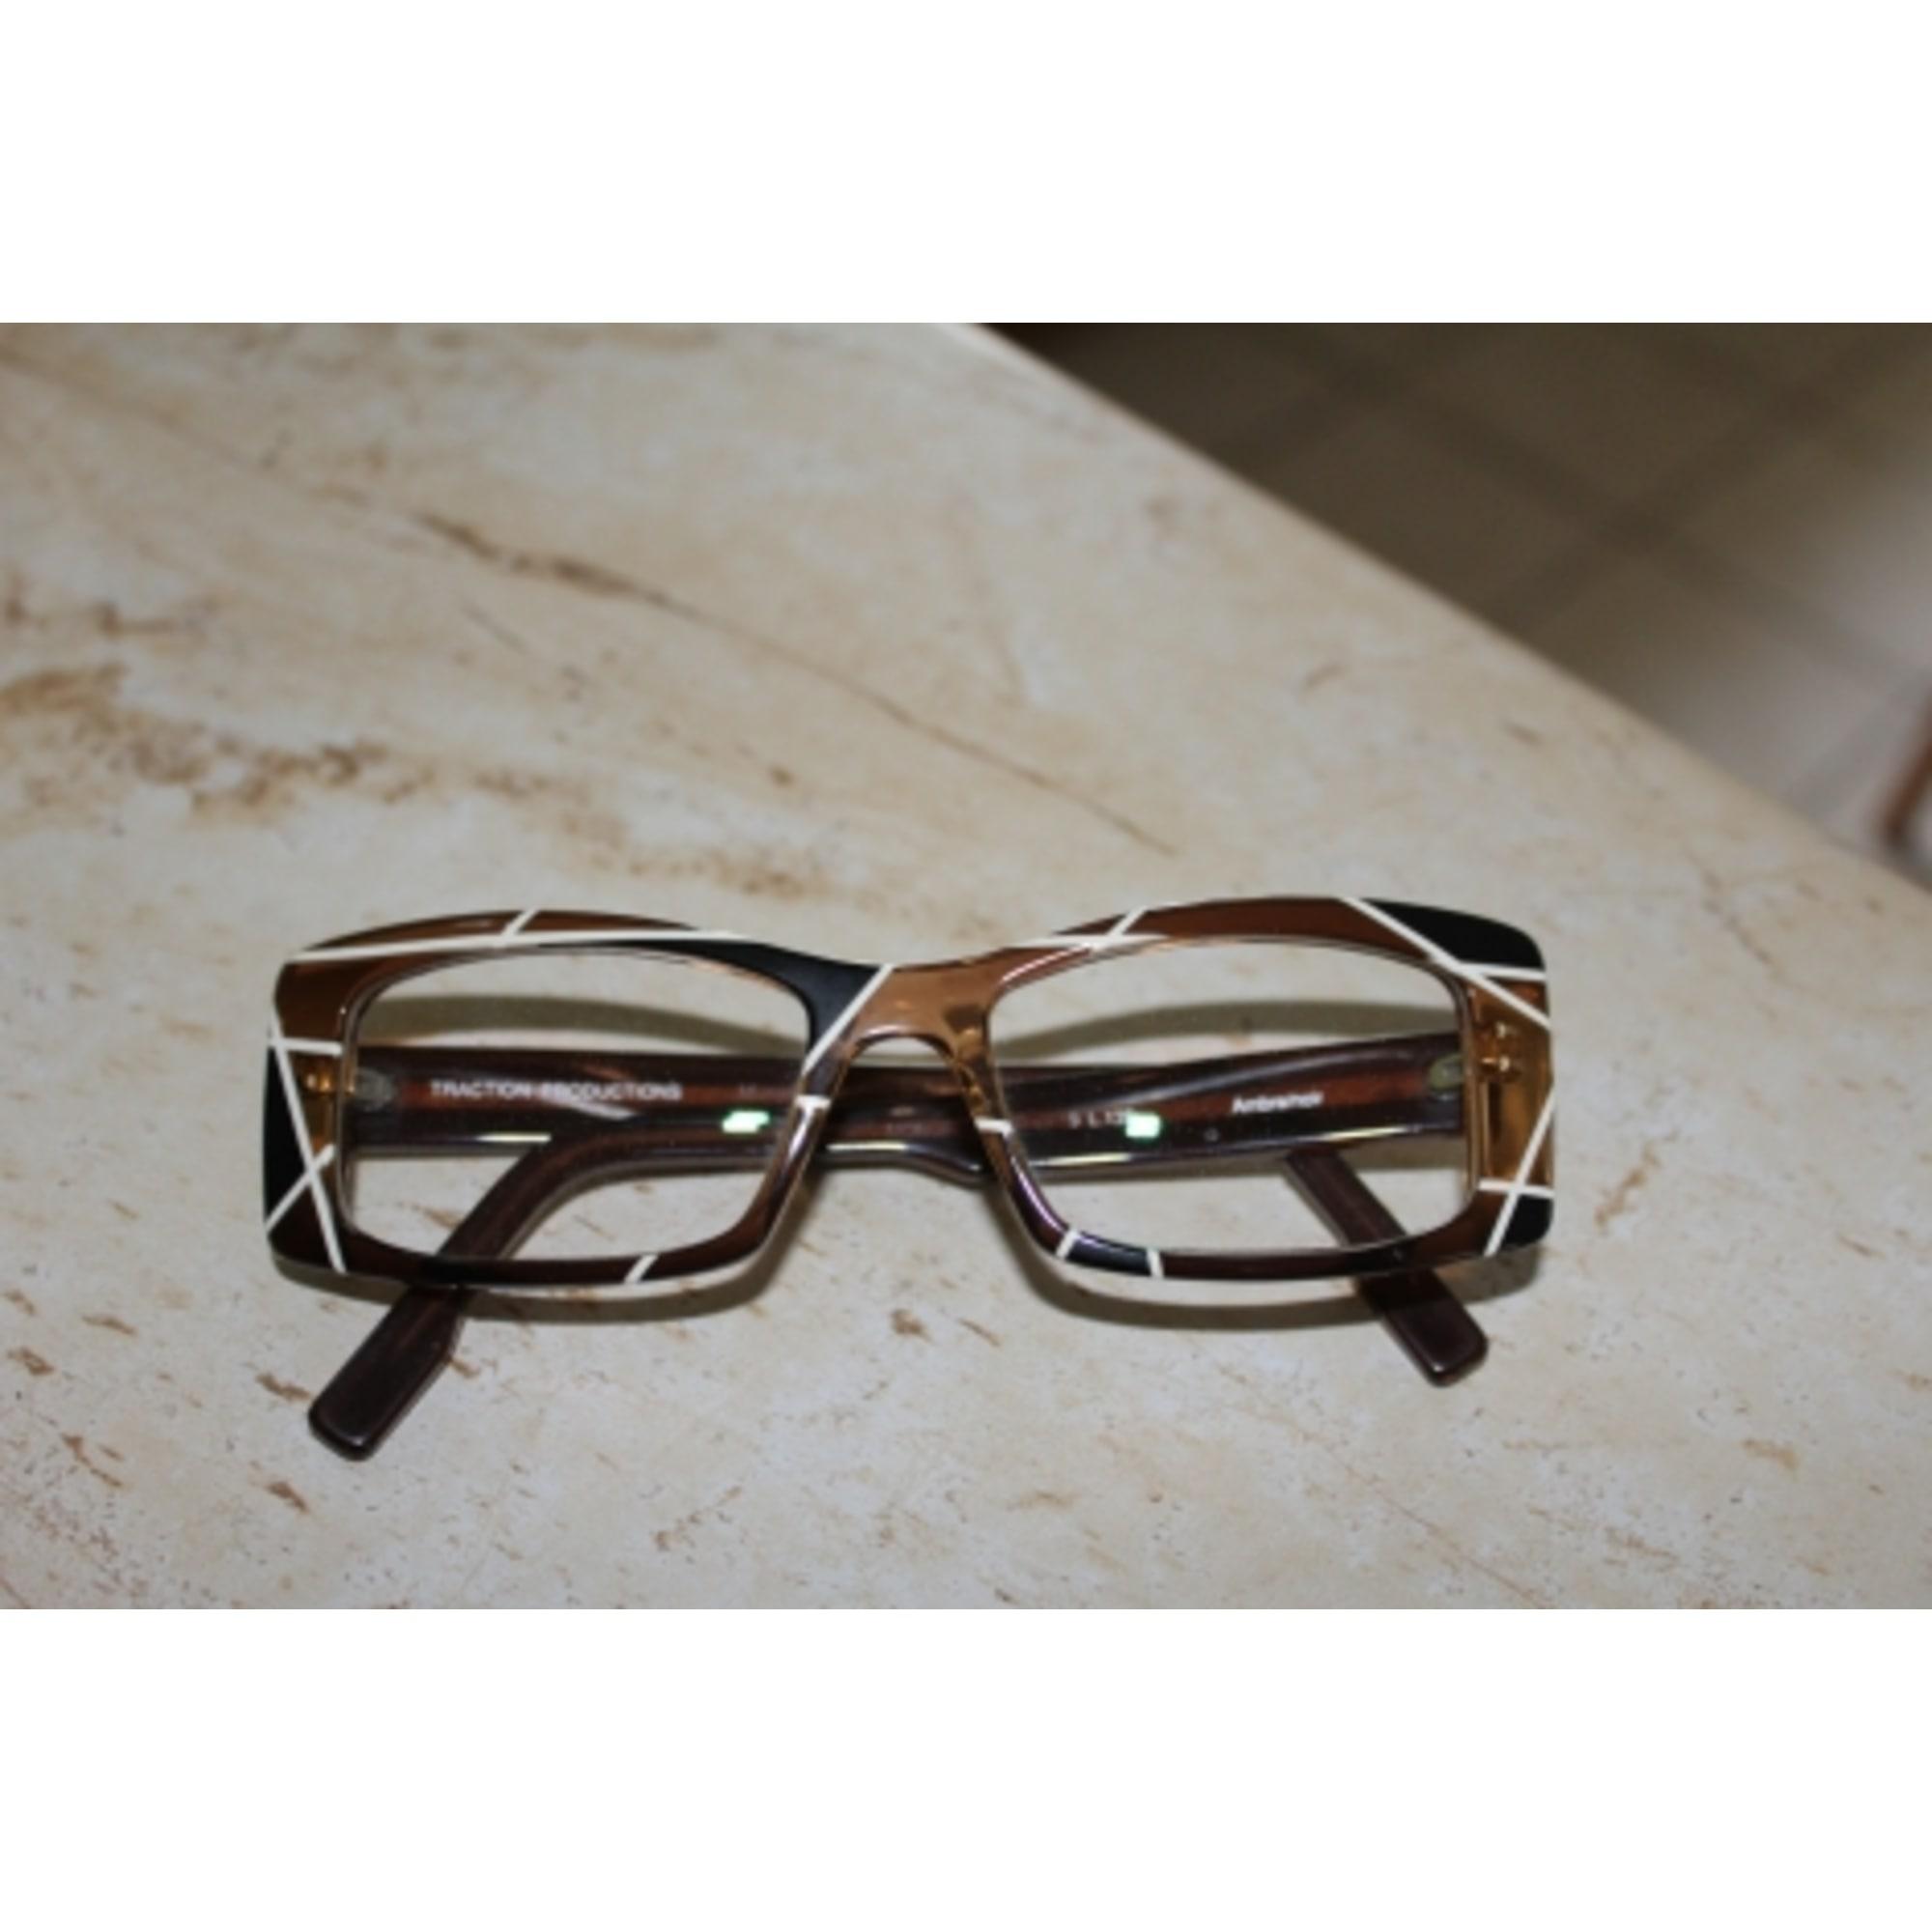 Monture de lunettes TRACTION PRODUCTIONS marron vendu par Mill85 ... 1fd7409cbc28